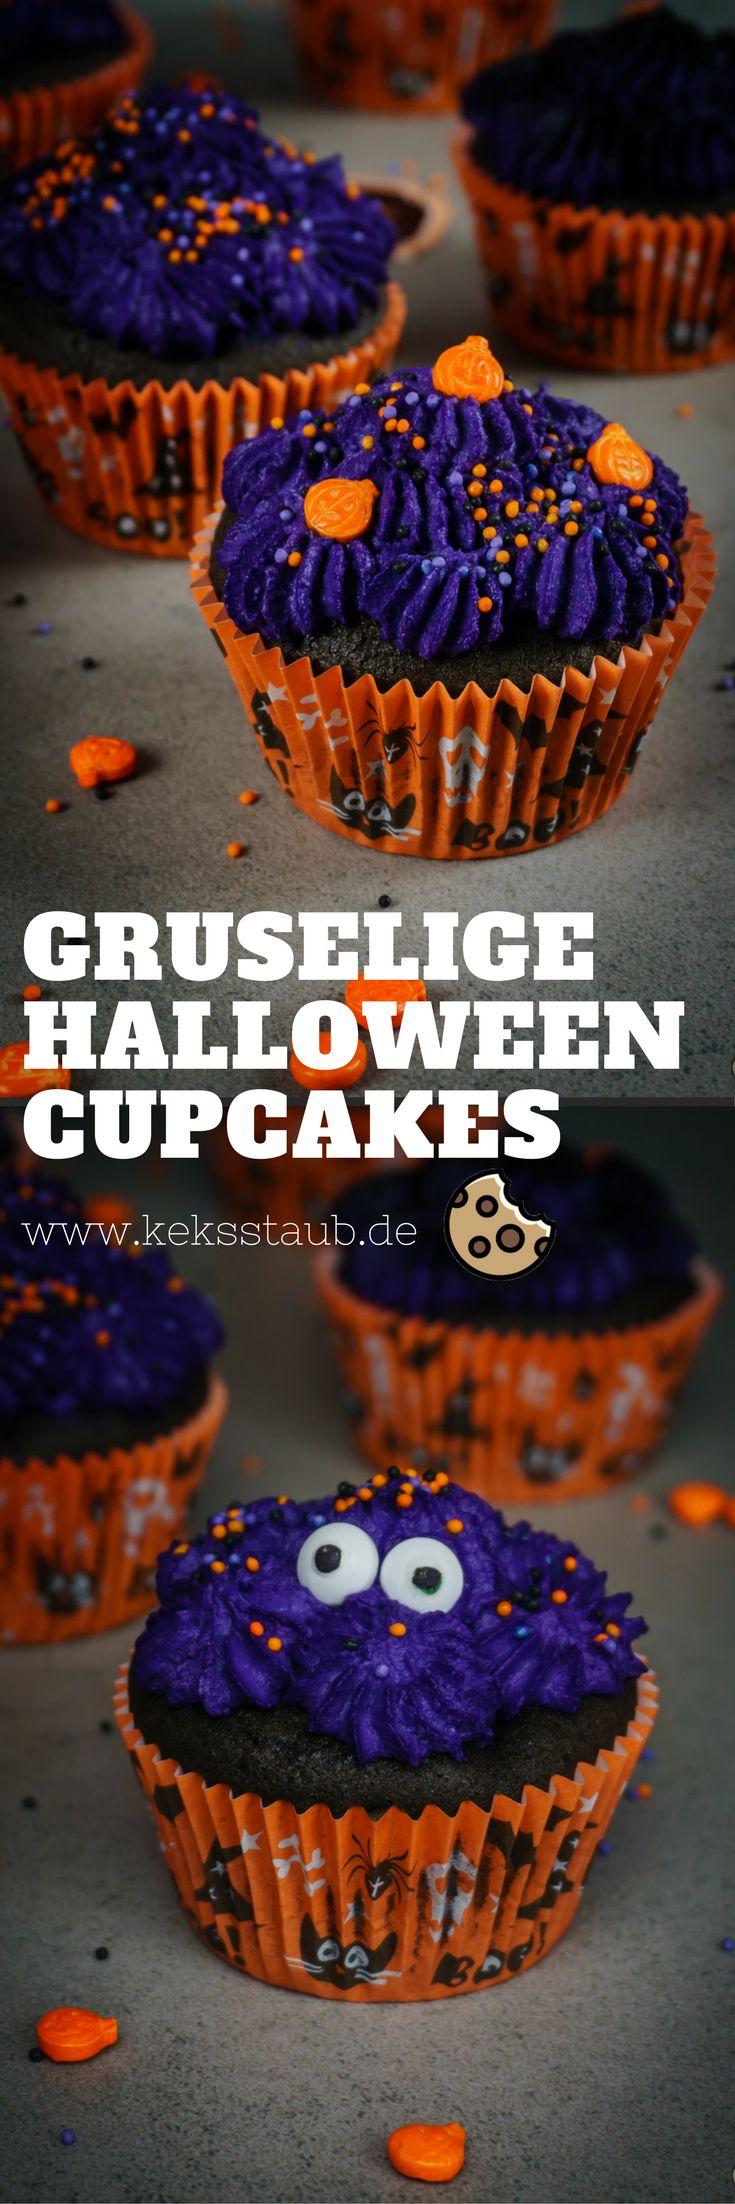 Rezept zum Backen von Gruseligen Frischkäse Kirsch Cupcakes zu Halloween - Anleitung mit und ohne Thermomix #Backen #Cupcakes #Halloween